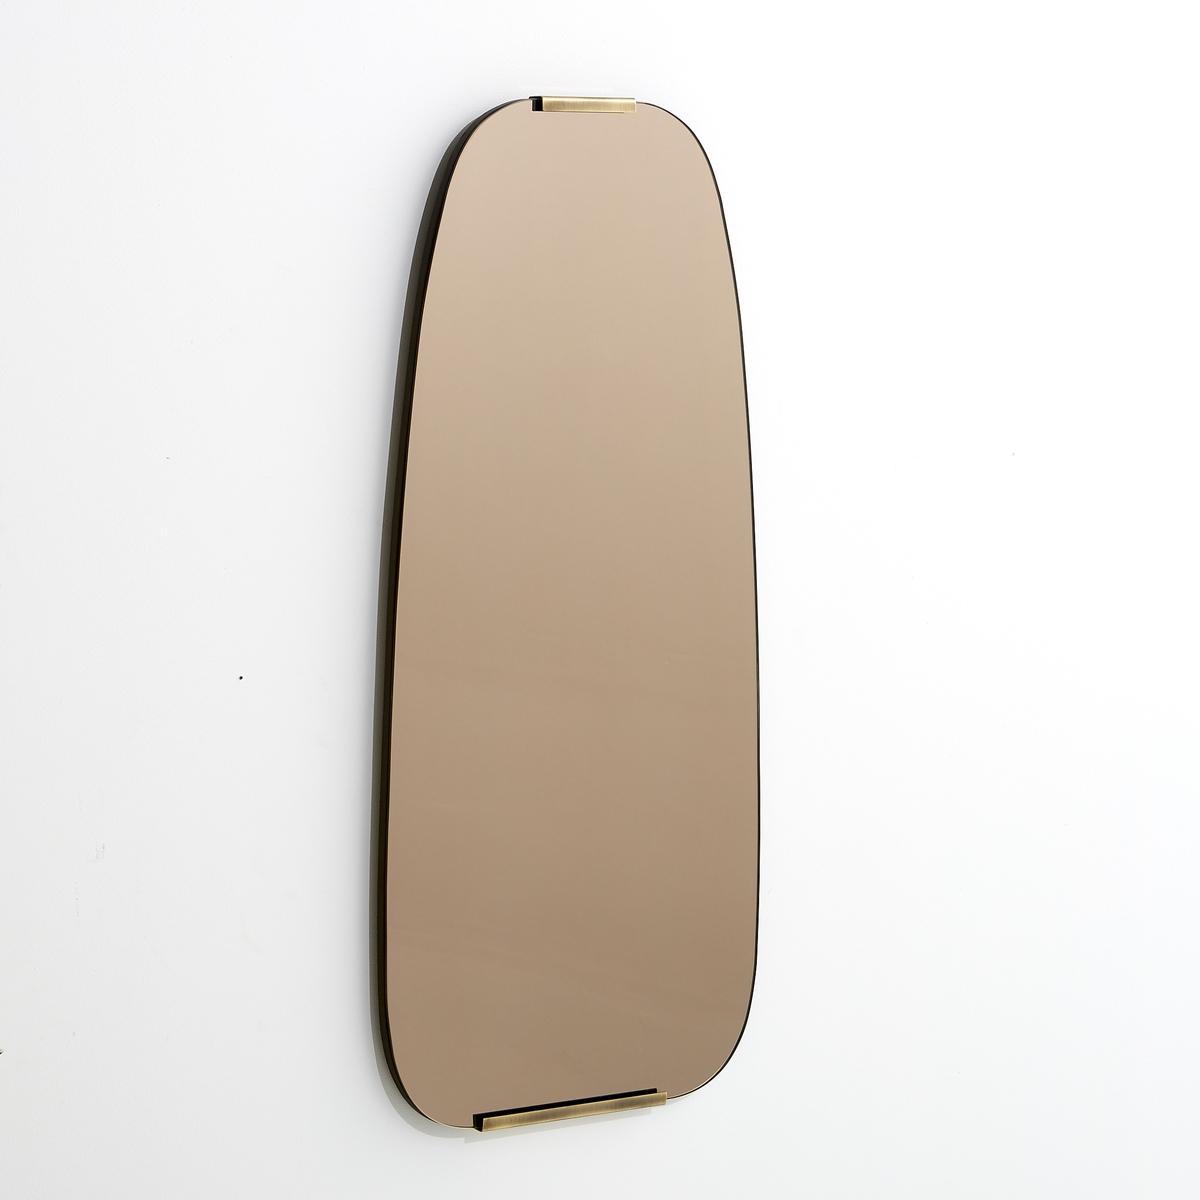 Зеркало тонированное из латуни В72,5 см, Dialect